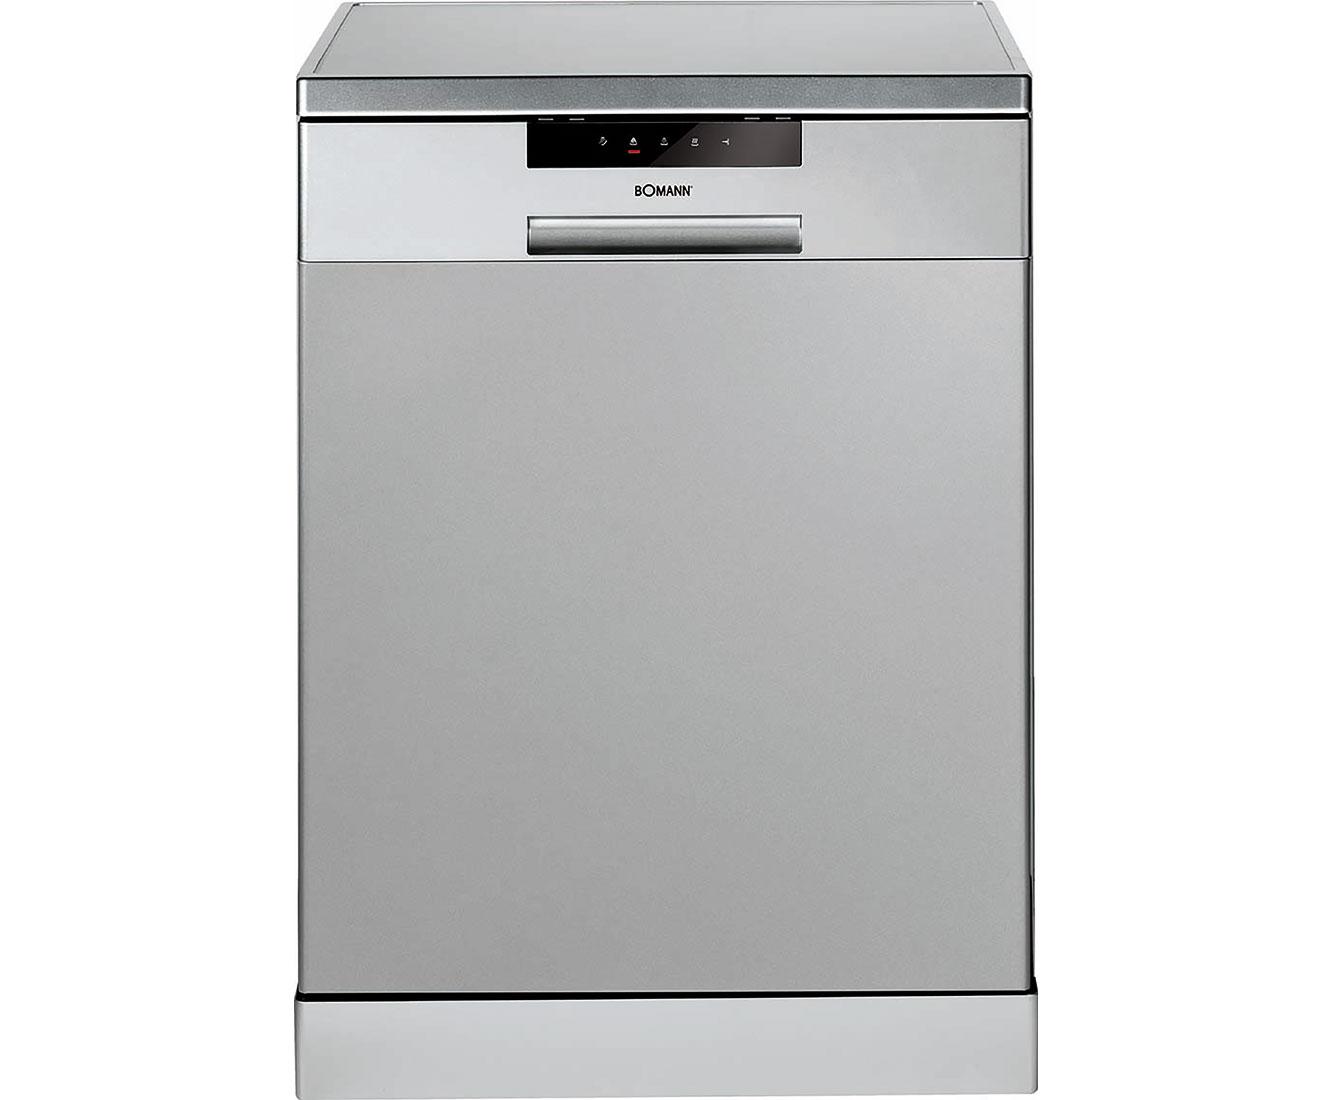 Bomann GSP 850 Geschirrspüler 60 cm - Silber   Küche und Esszimmer > Küchenelektrogeräte > Gefrierschränke   Silber   Bomann